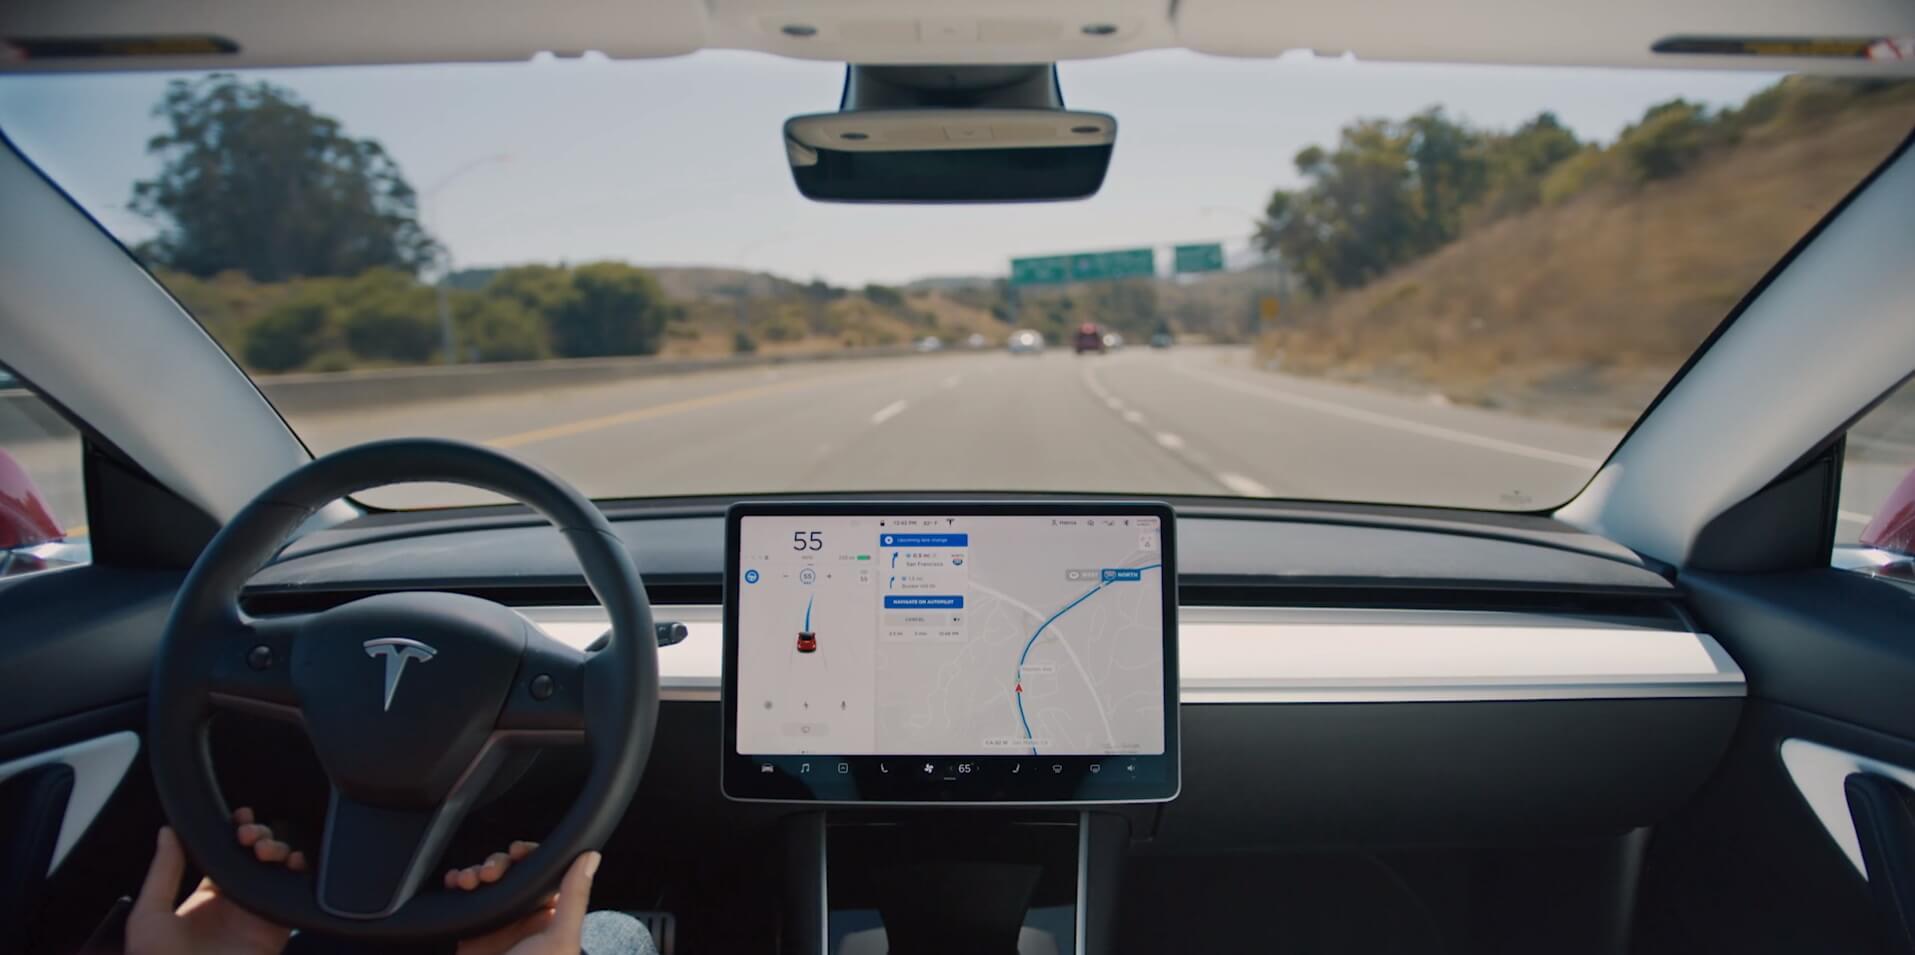 Илон Маск рассказал о новых возможностях автопилота Tesla 1